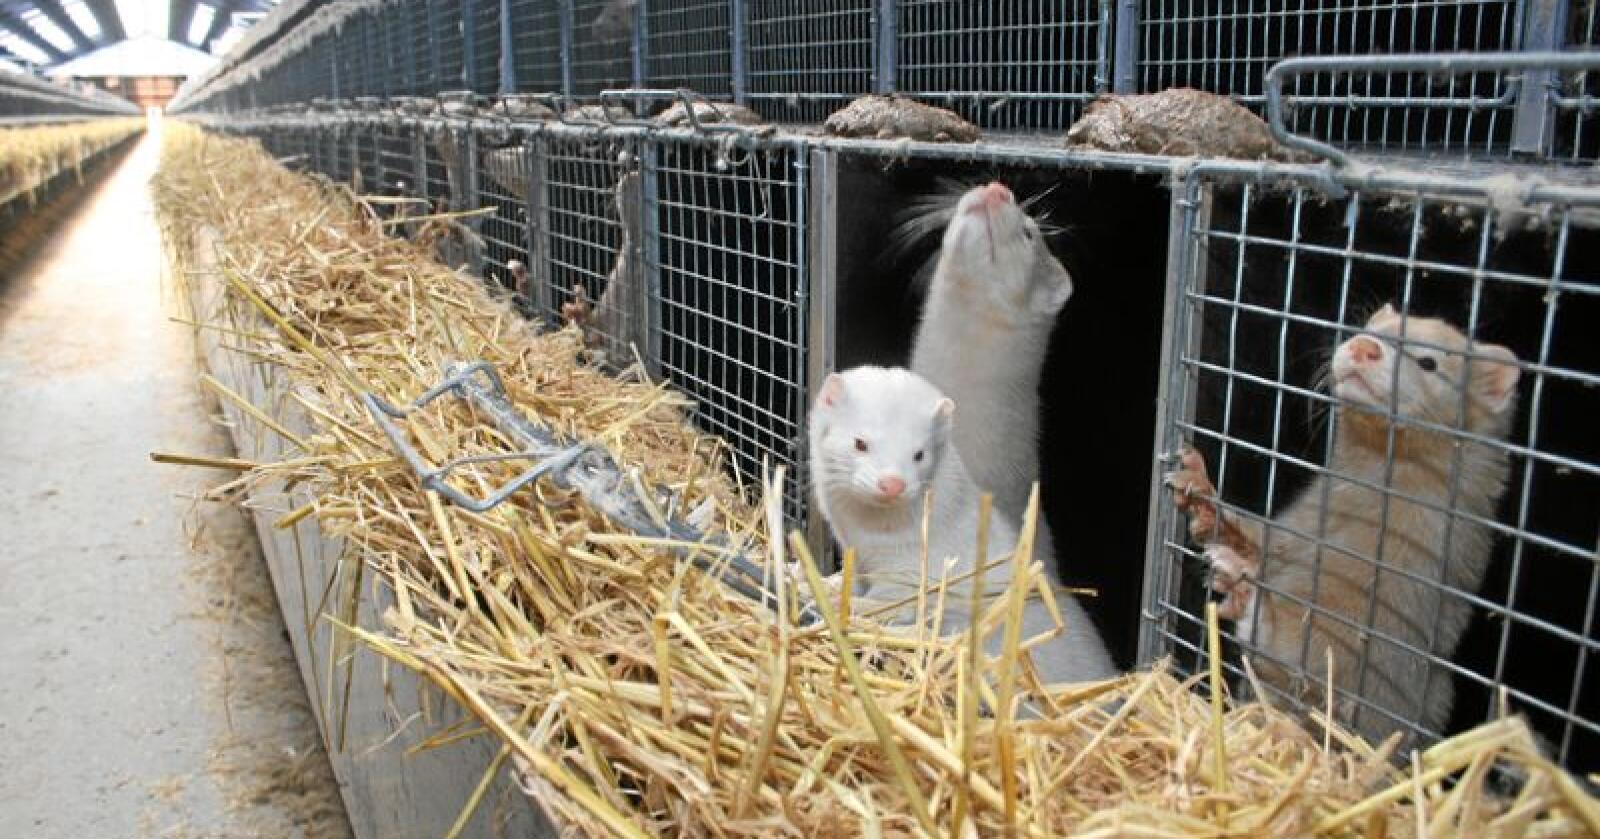 Først kom pelsdyr-forbudet, nå angripes kylling-produksjon. Motstanderne av norsk landbruk har fått blod på tann. Foto: Bjarne Bekkeheien Aase